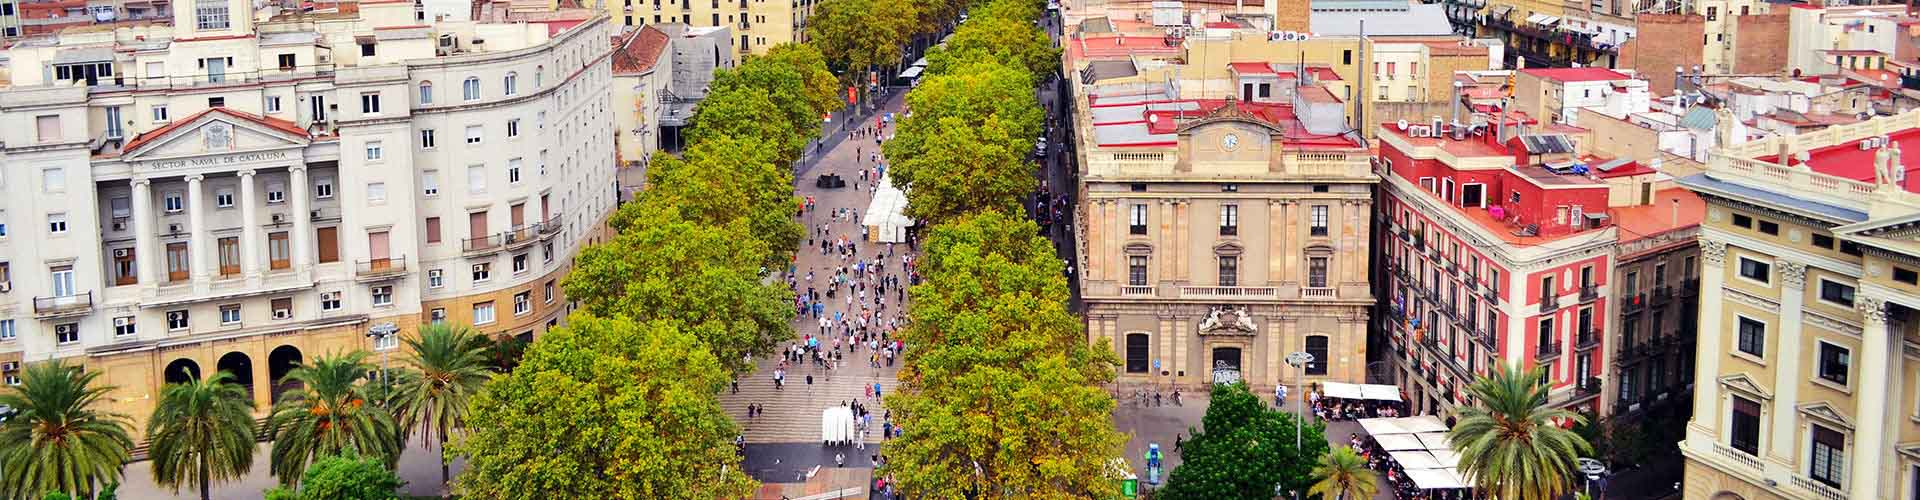 바르셀로나 - 람블라 거리 와 가까운 호스텔. 바르셀로나의 지도, 바르셀로나에 위치한 호스텔 사진 및 후기 정보.